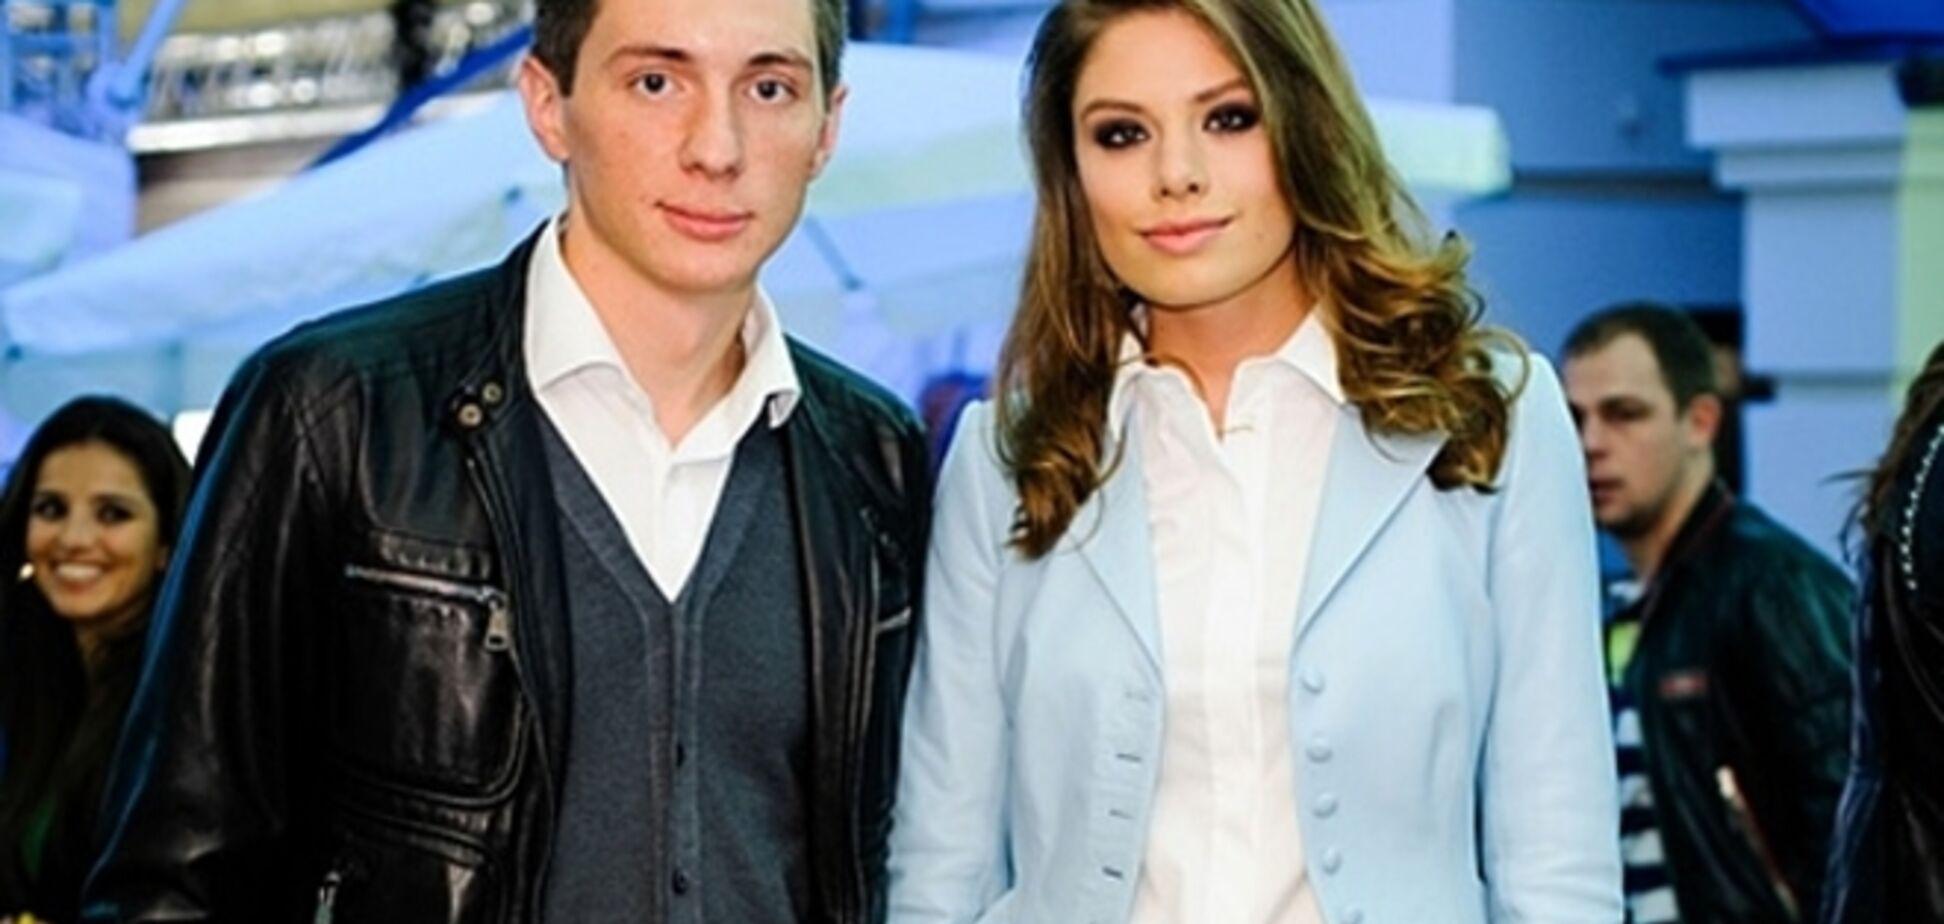 Невестка Литвина обхаяла 'Квартал-95' за политический стеб